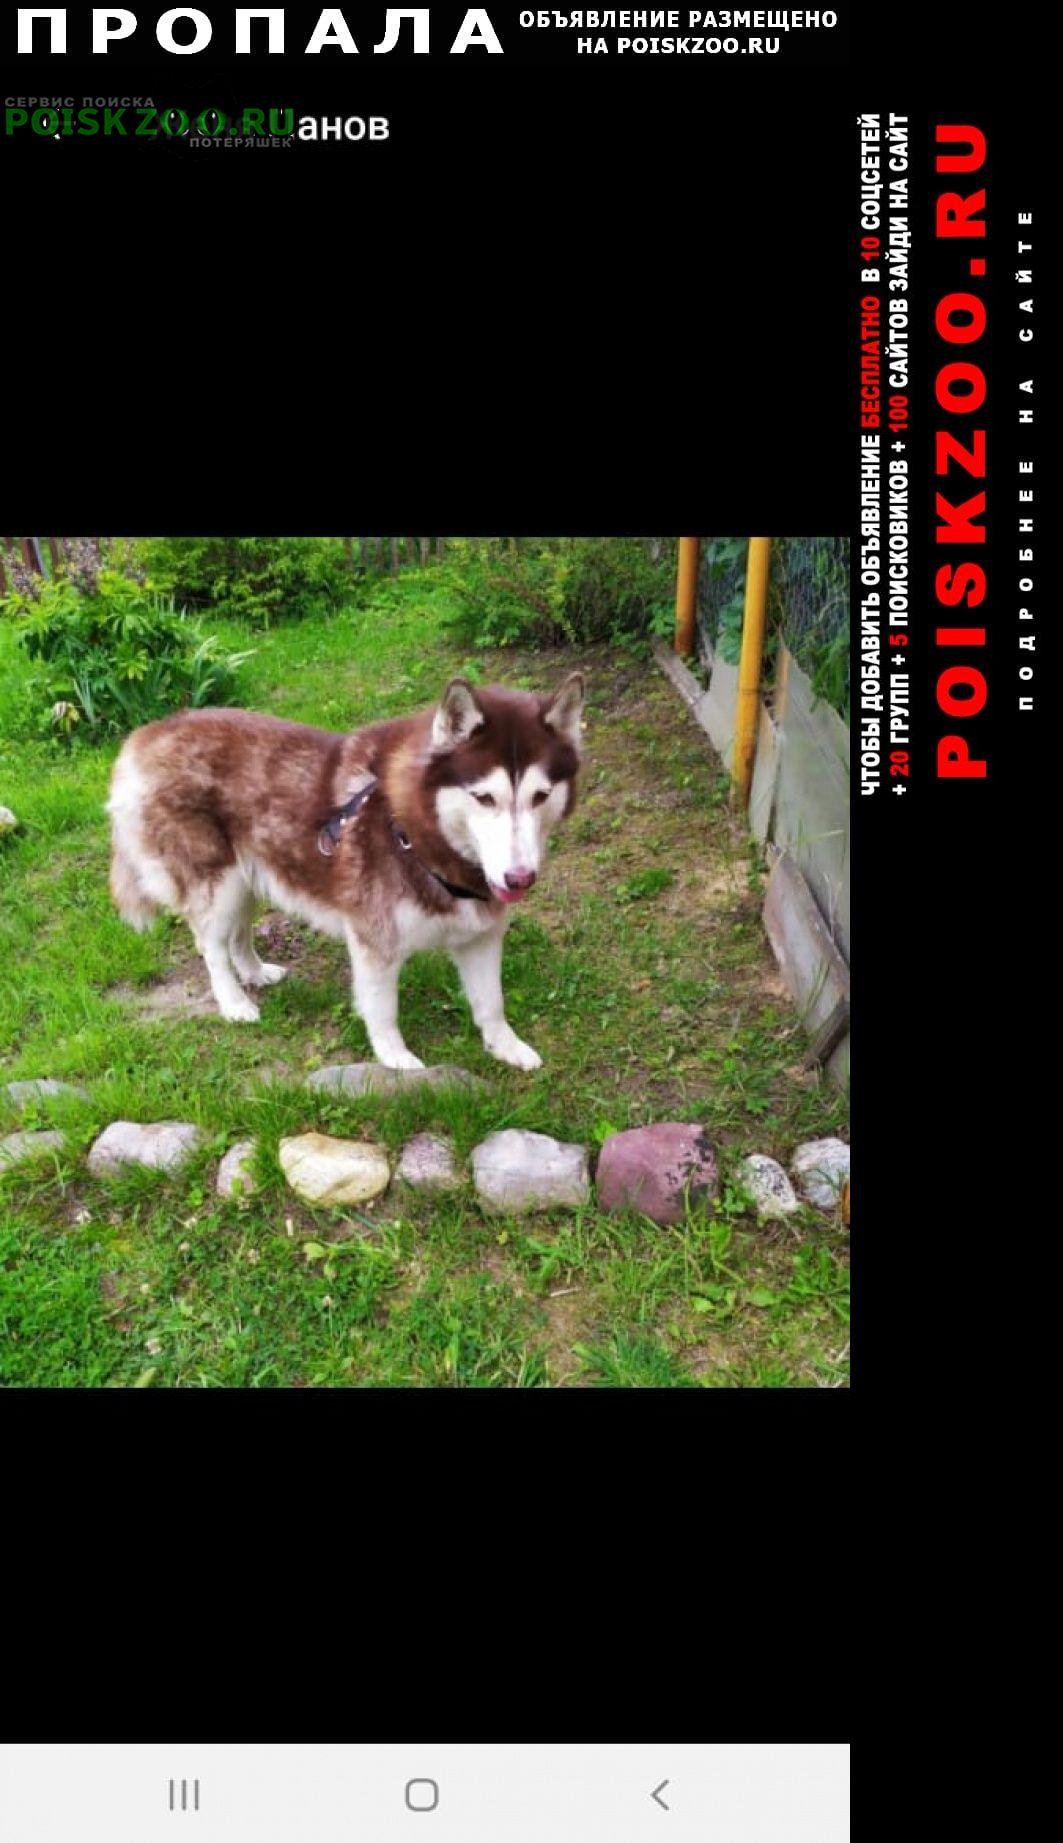 Пропала собака кобель мальчик кабель Ярославль